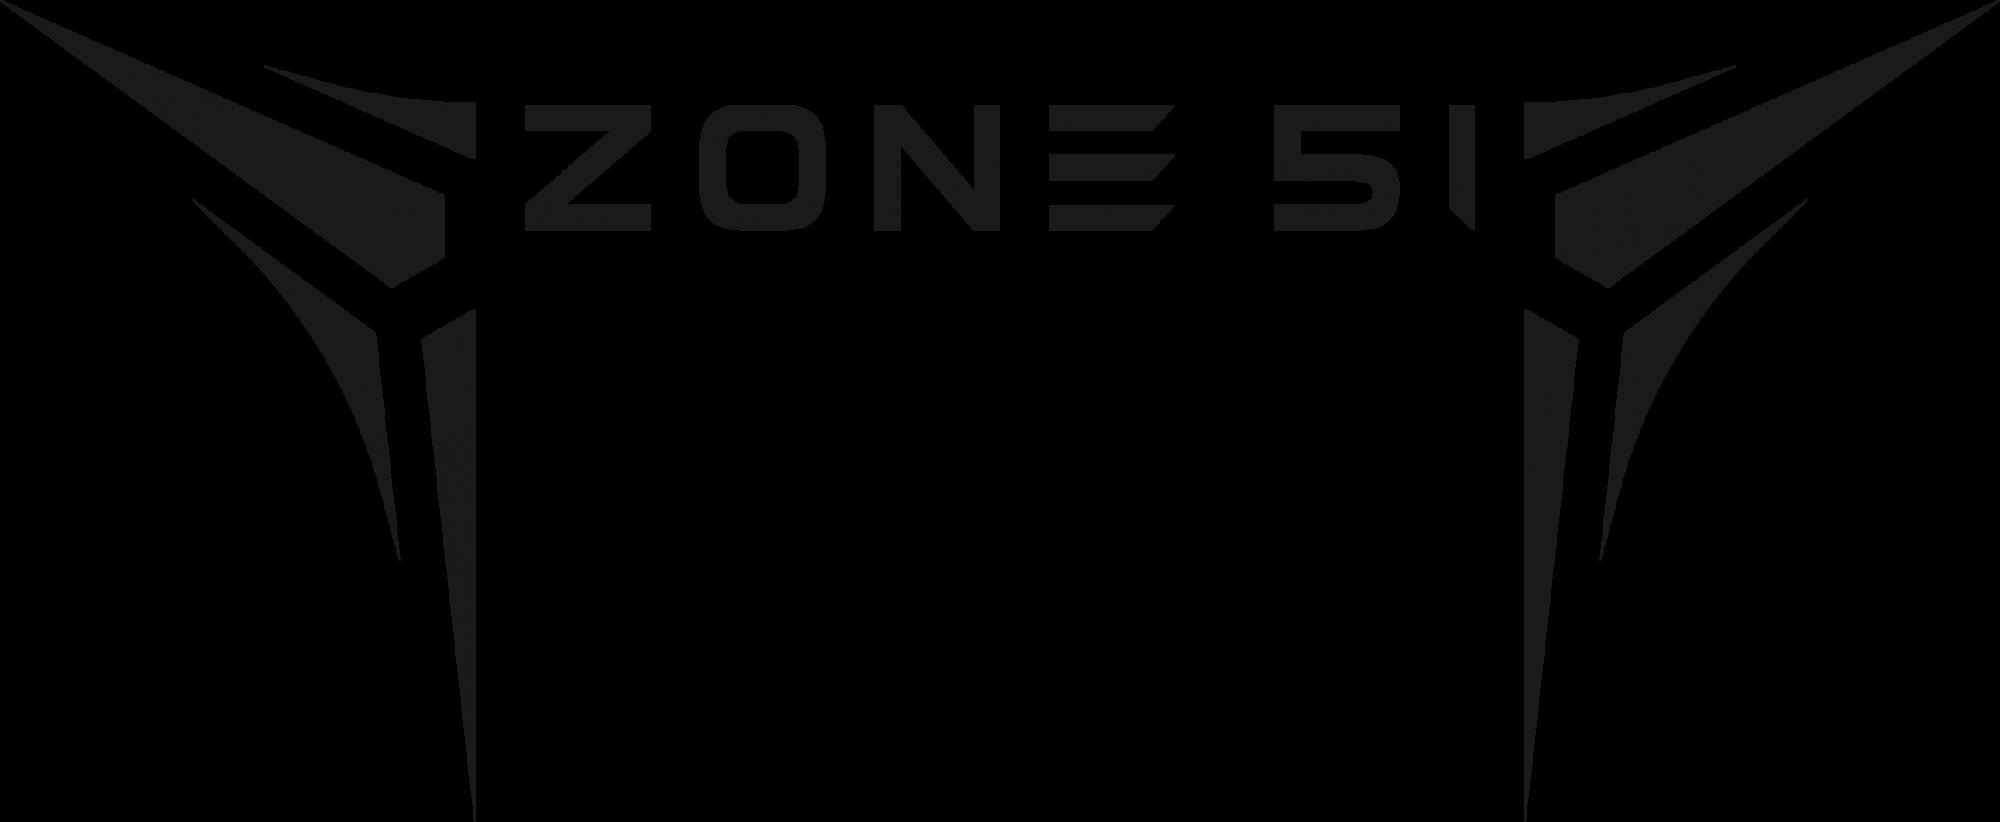 ZONE 51 купить в Эрготронике. Шоурум в Москве, доставка по всей России.